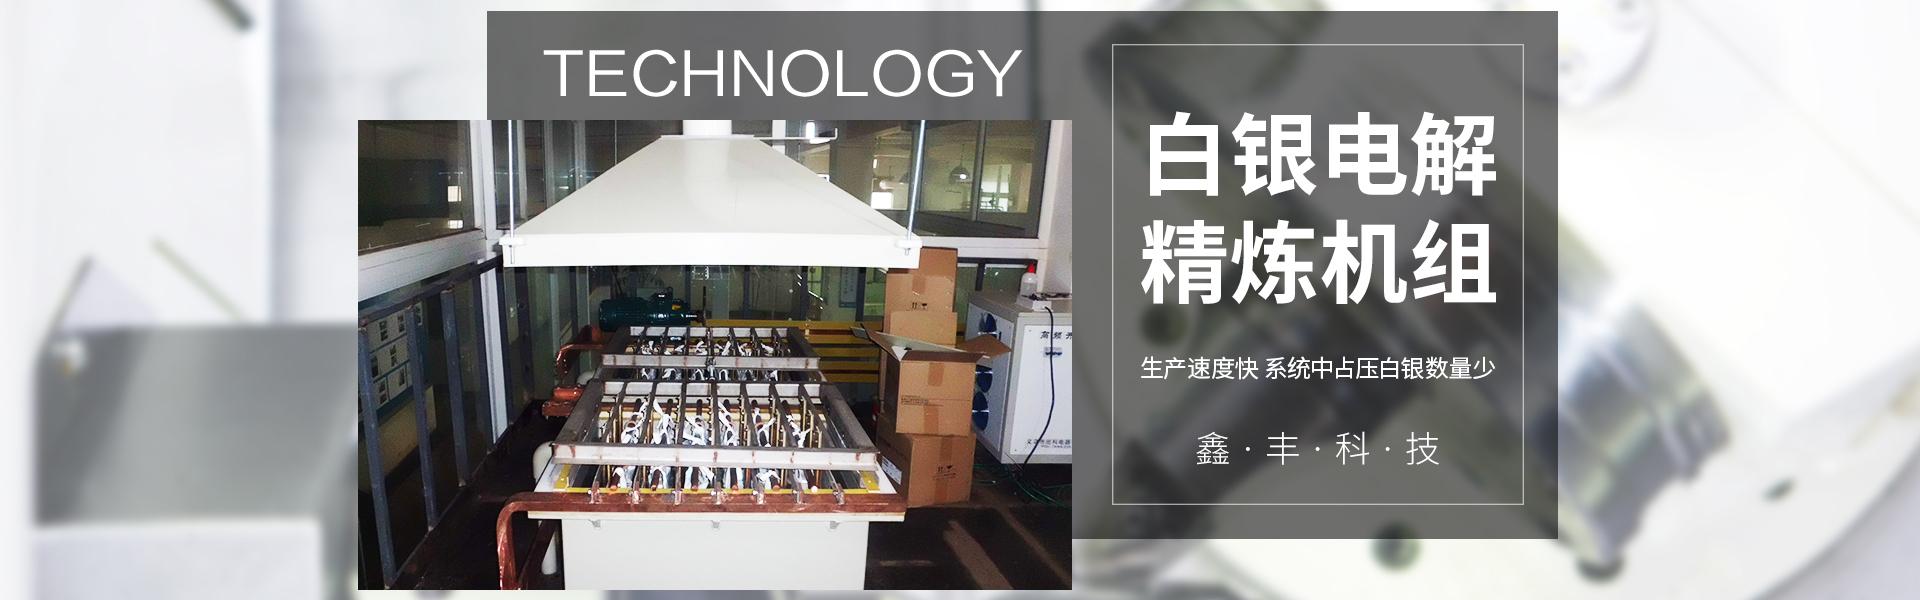 肇慶市鑫豐科技有限公司是一家專注于烘干機械設備研發、制造、銷售于一體的專業公司。